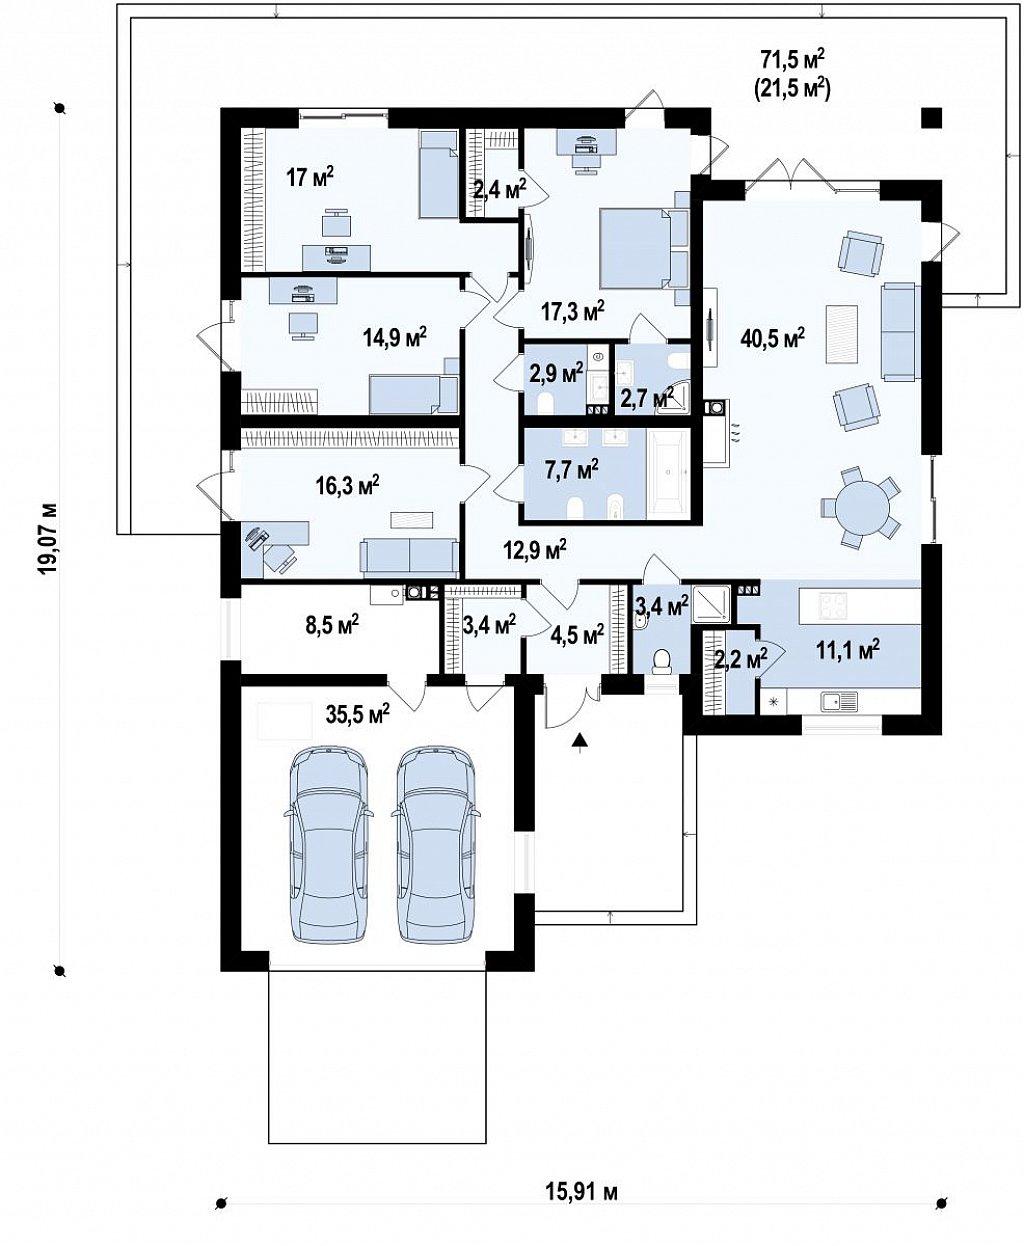 Комфортный одноэтажный дом с выступающим фронтальным гаражом для двух машин. план помещений 1